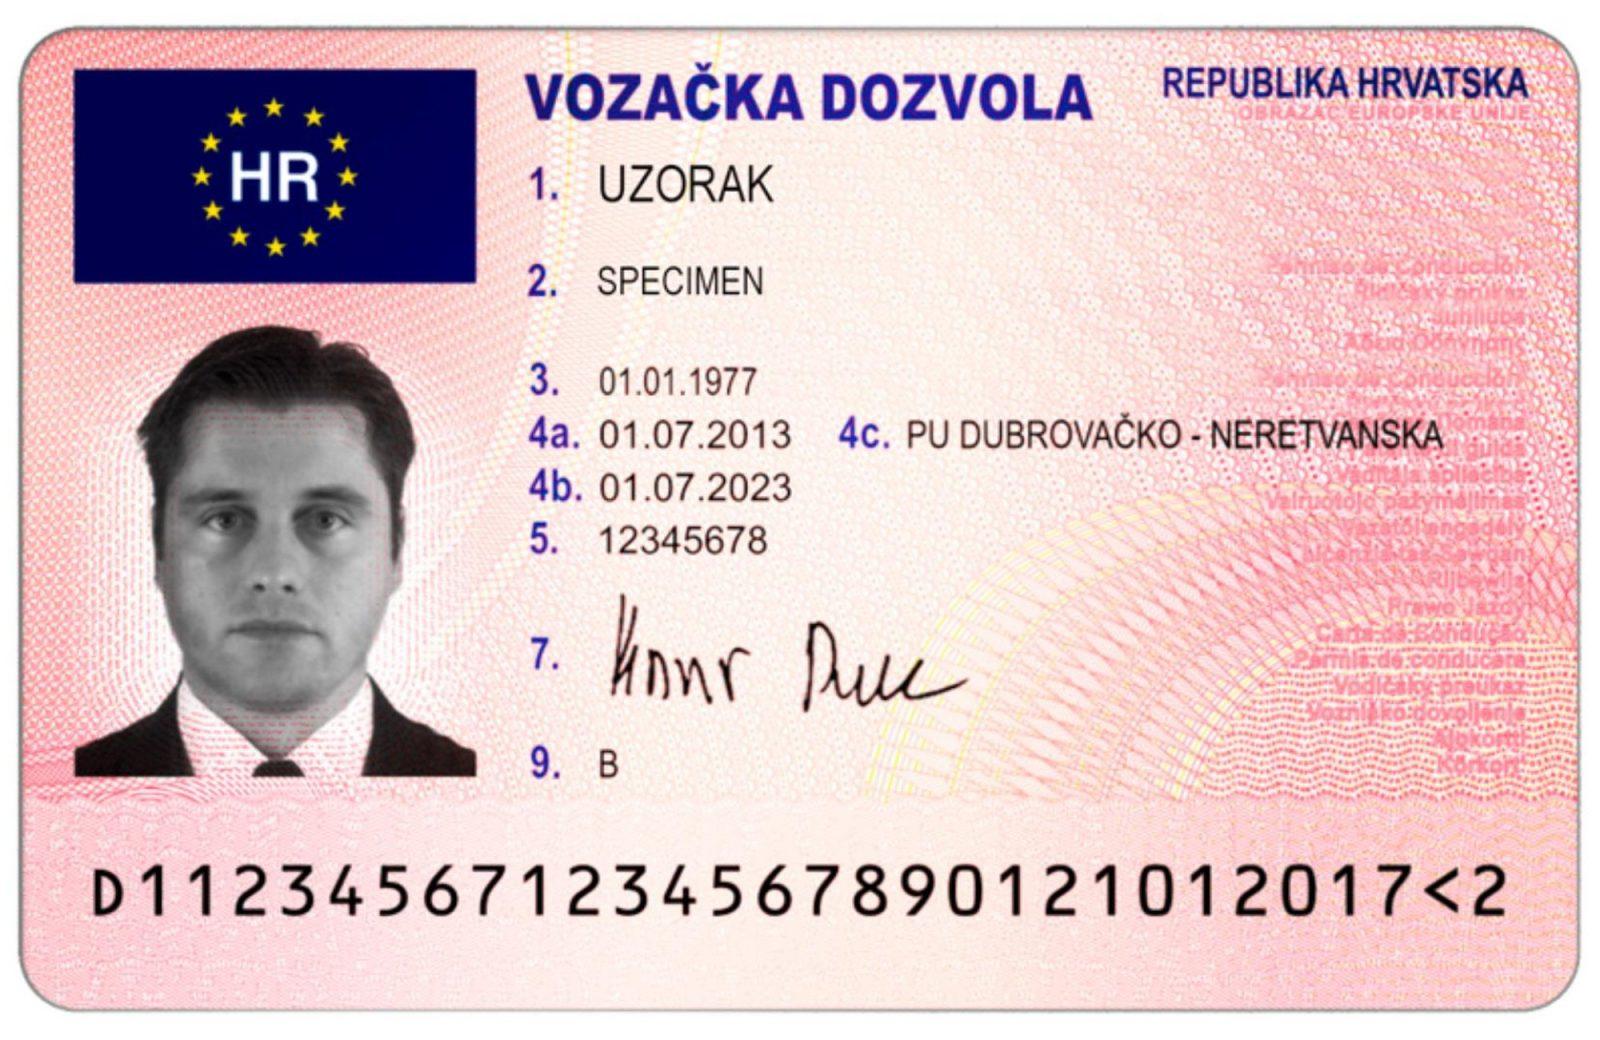 Zahtjev za vozačku dozvolu moguć i elektroničkim putem